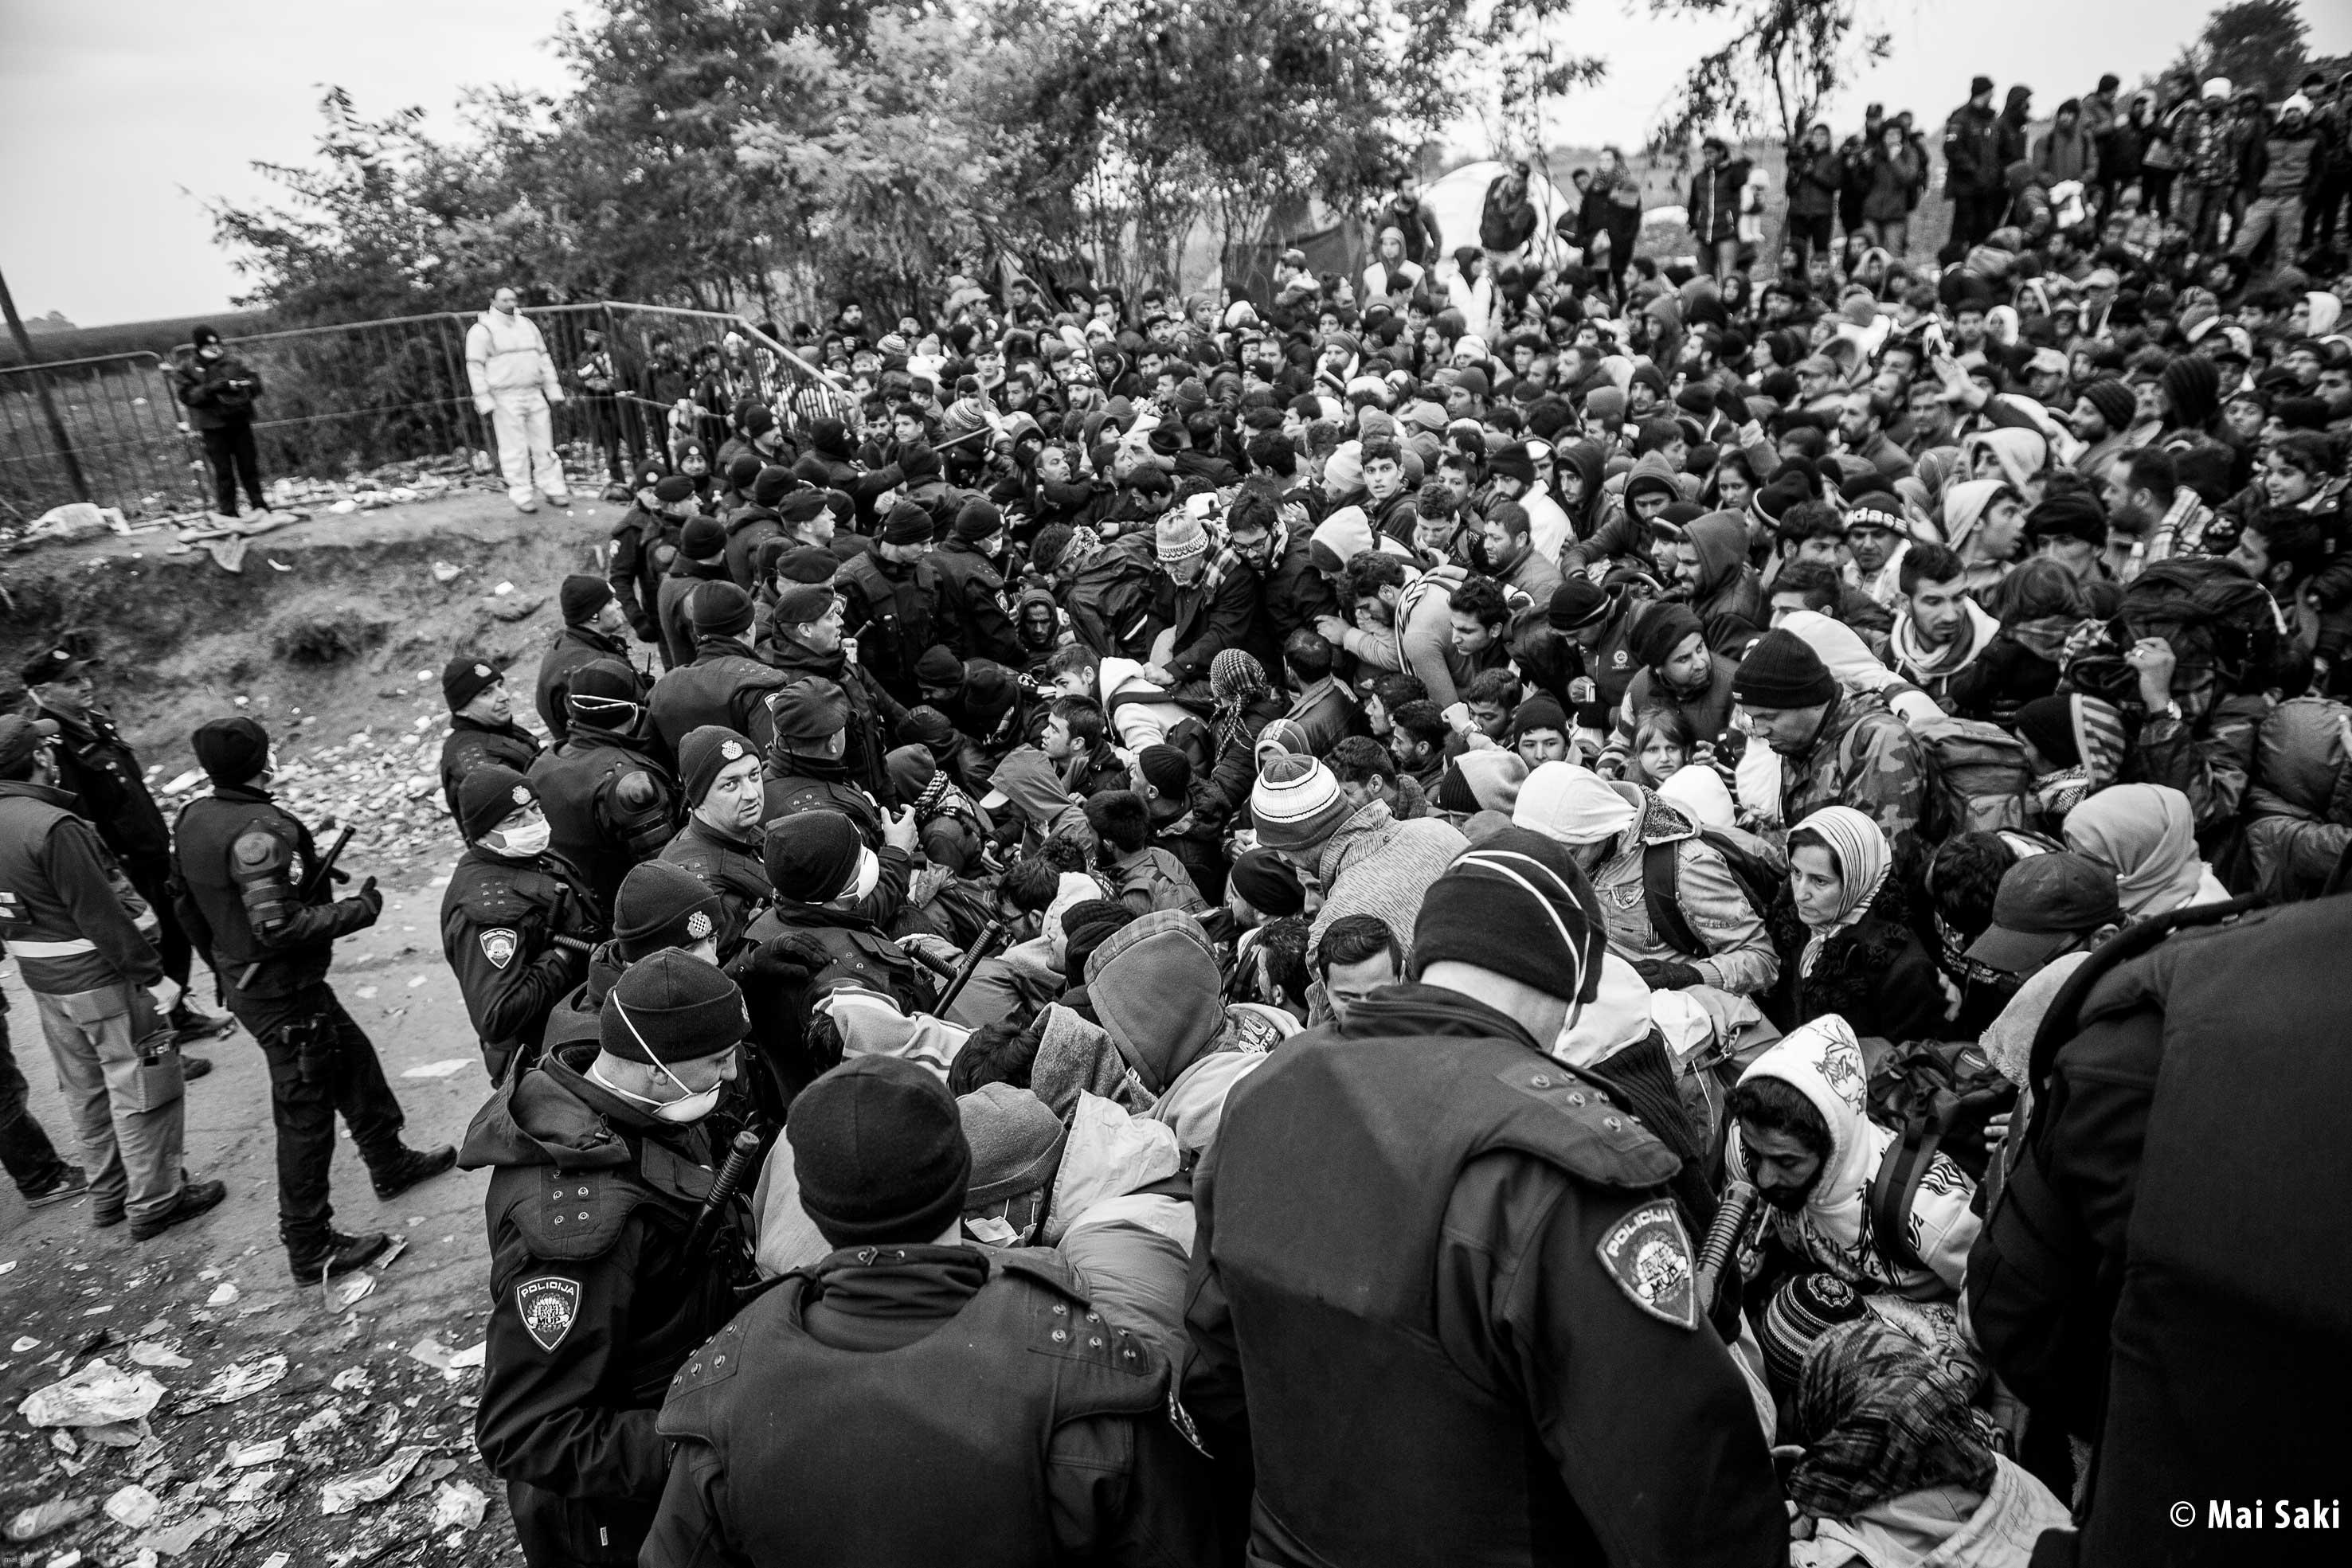 Refugiados sirios Serbia-Berkasovo. Foto Mai Saki